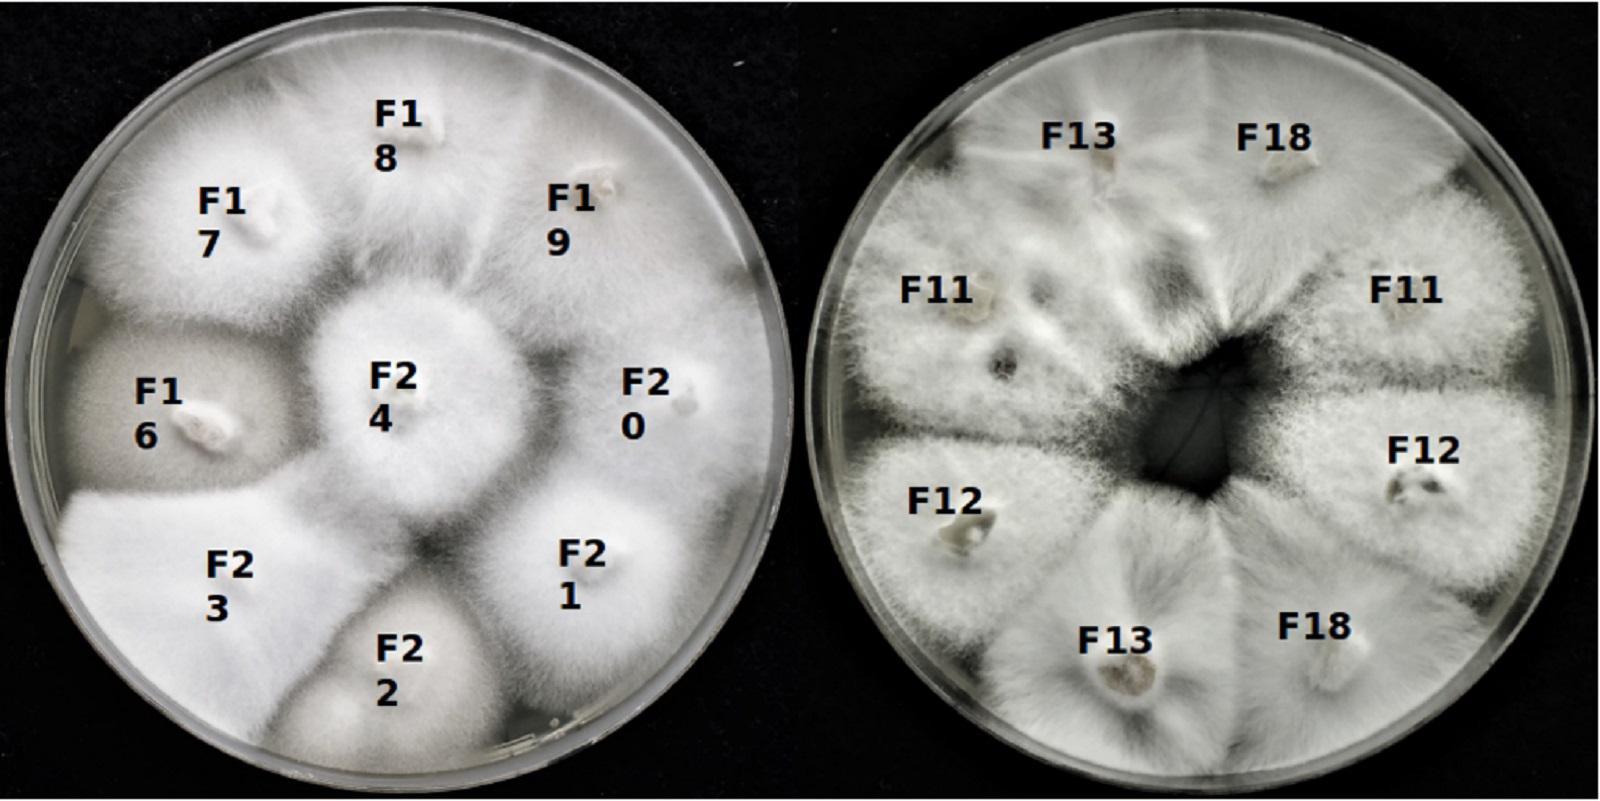 Kultury S. alkalinus pěstované v laboratoři